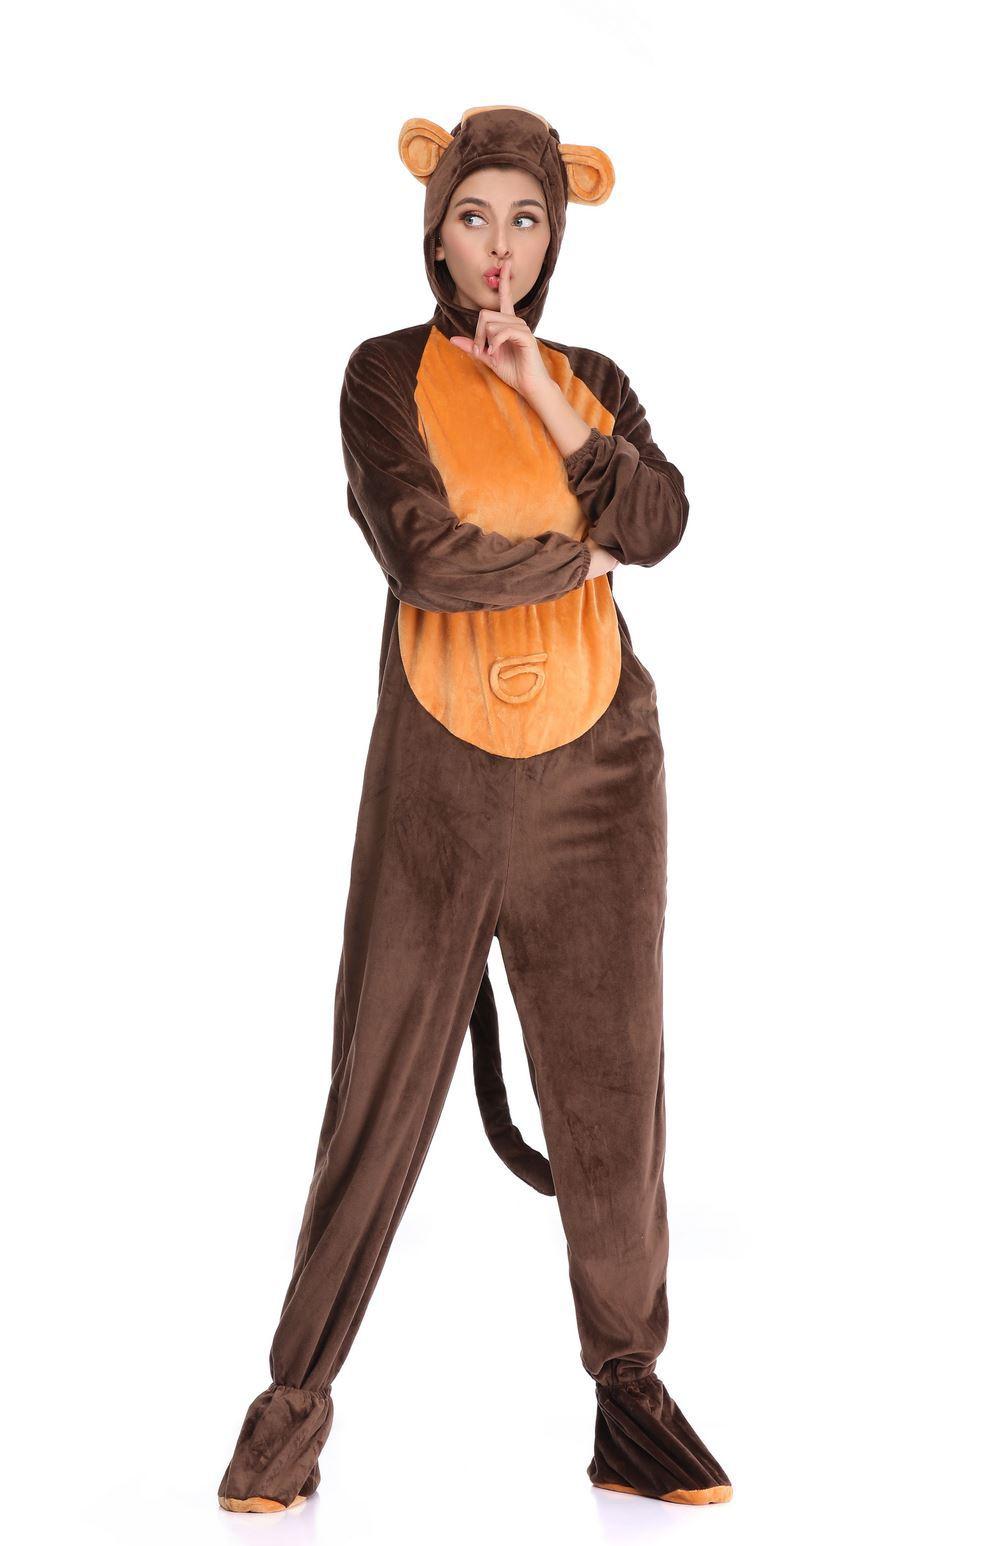 万圣节儿童节电影服装 成人儿童幼儿动物可爱猴子演出装扮服装